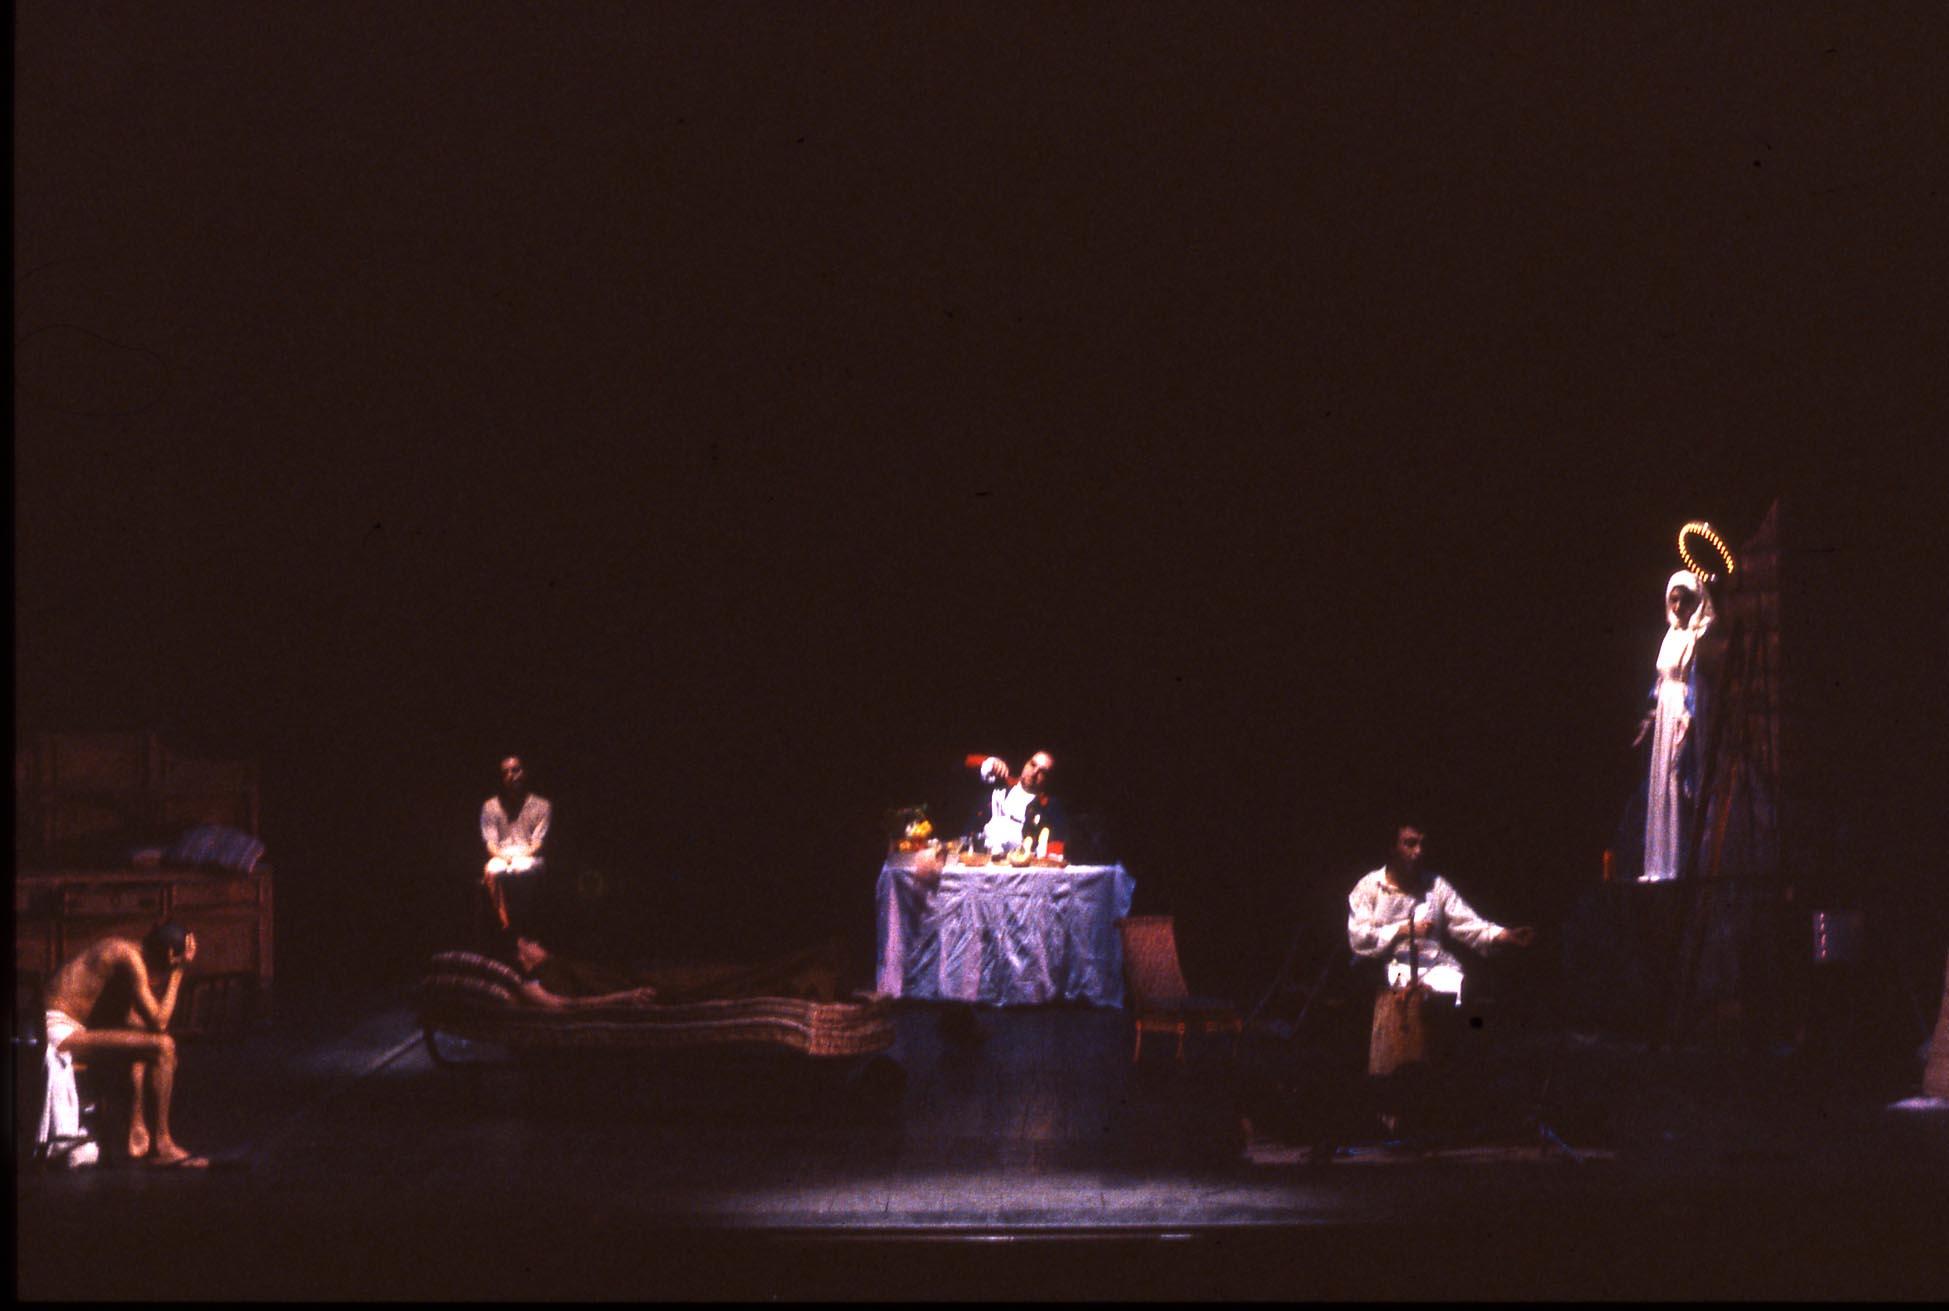 Falso Movimento, Rasoi, regia Mario Martone, 1991 ©Cesare Accetta